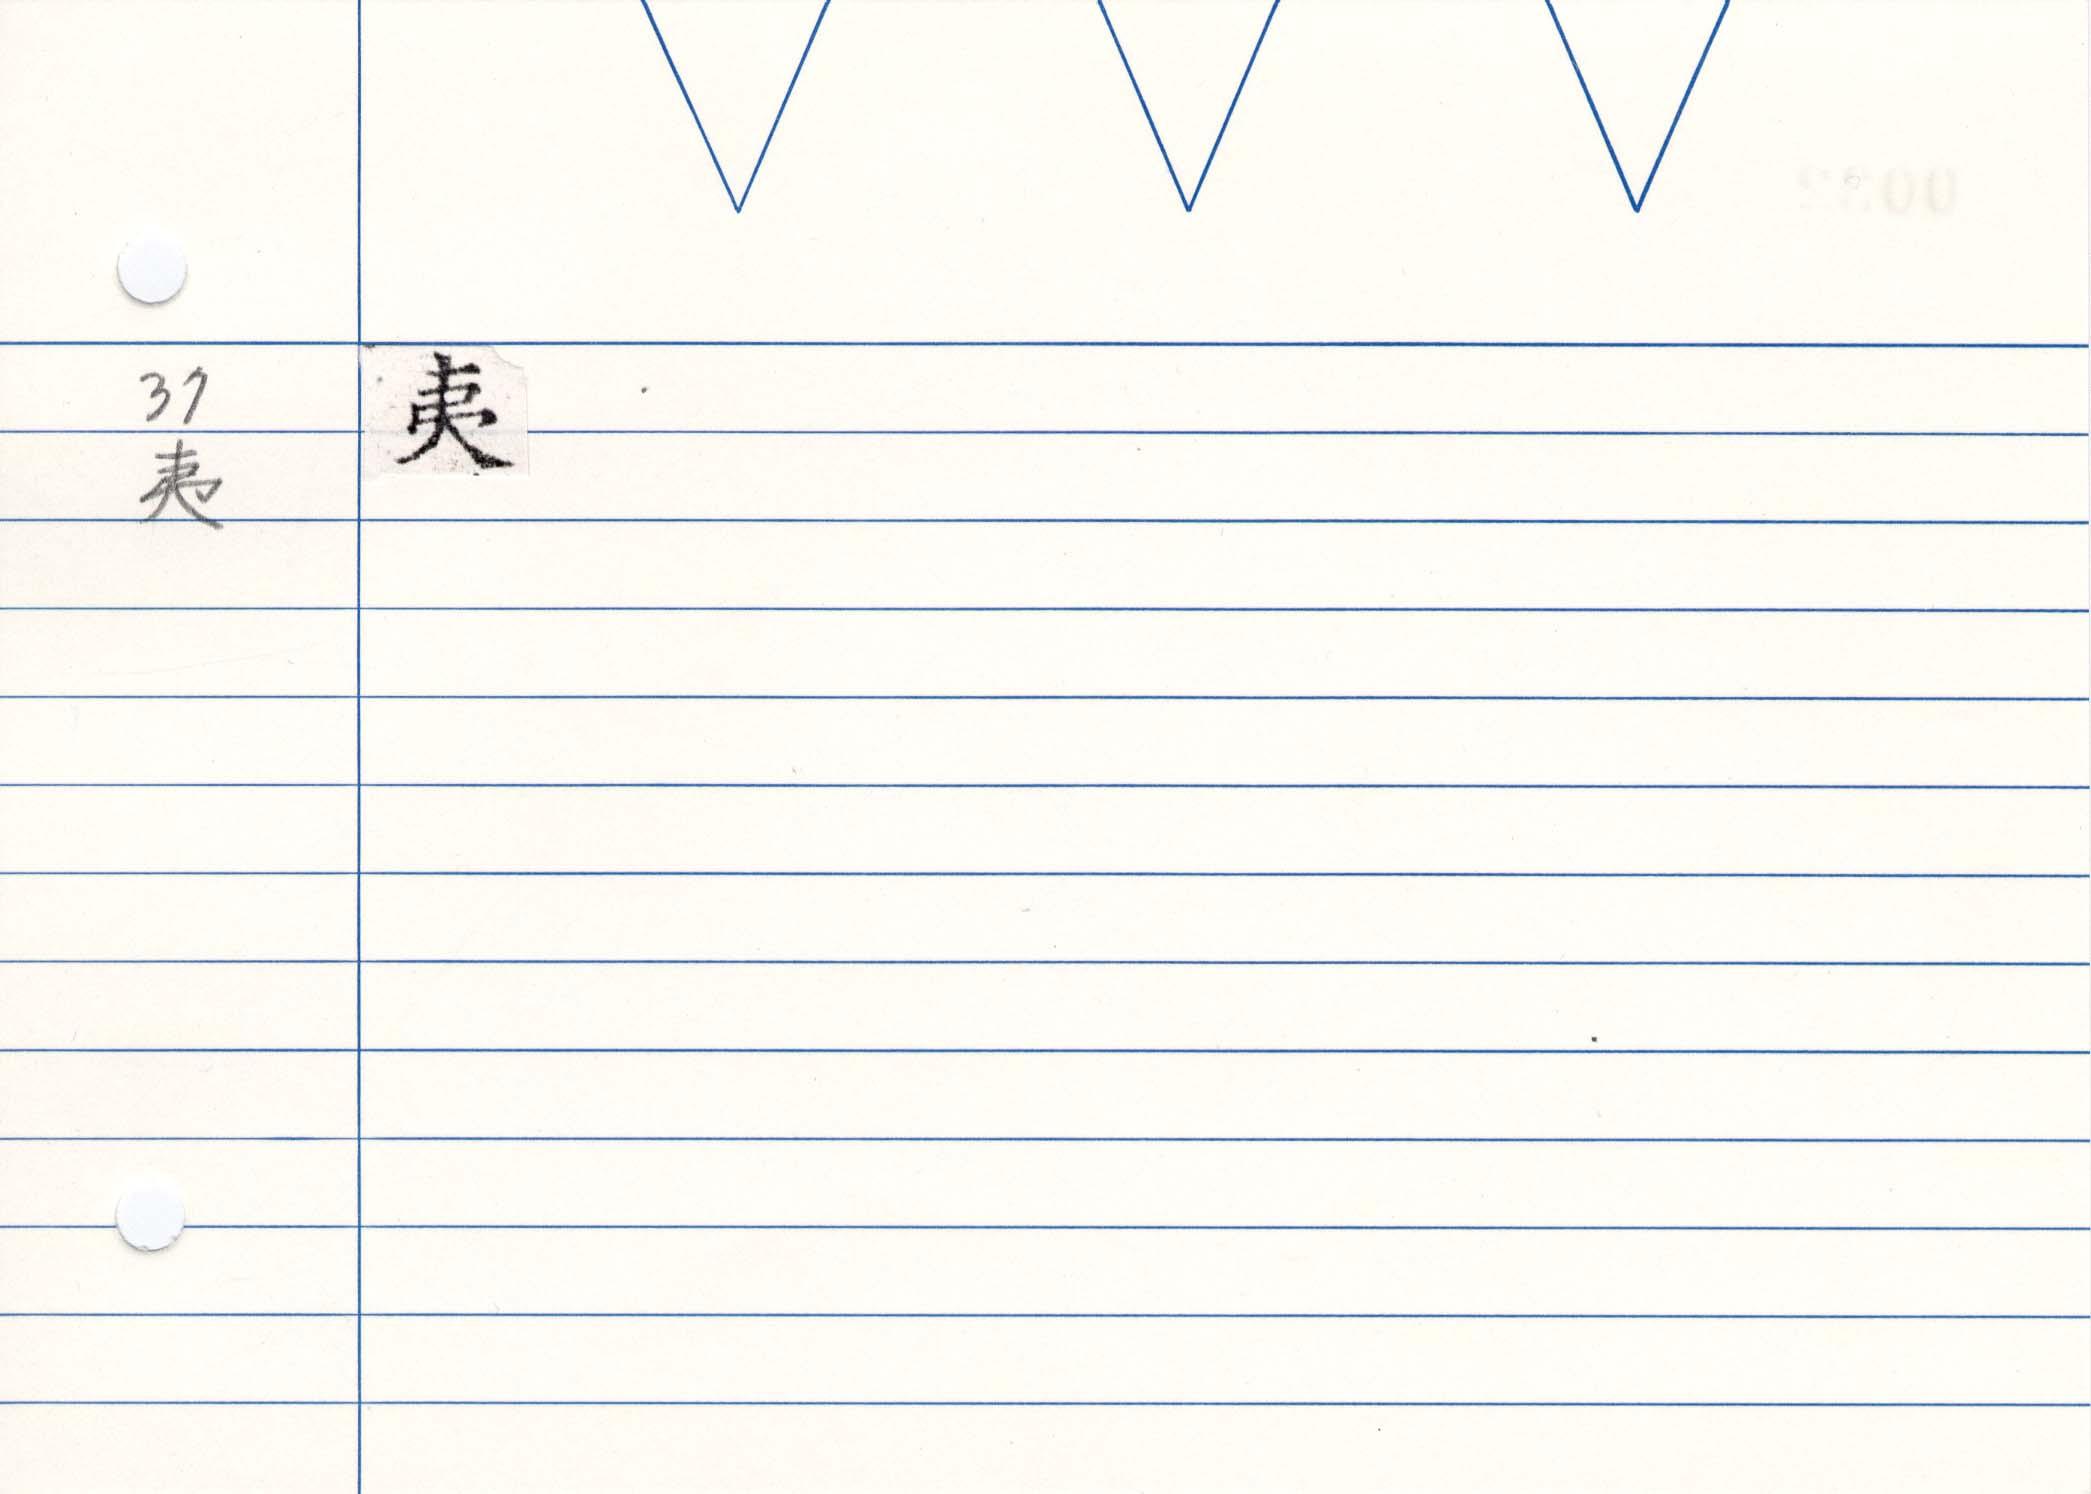 28_華嚴孔目(高山寺本)/cards/0032.jpg